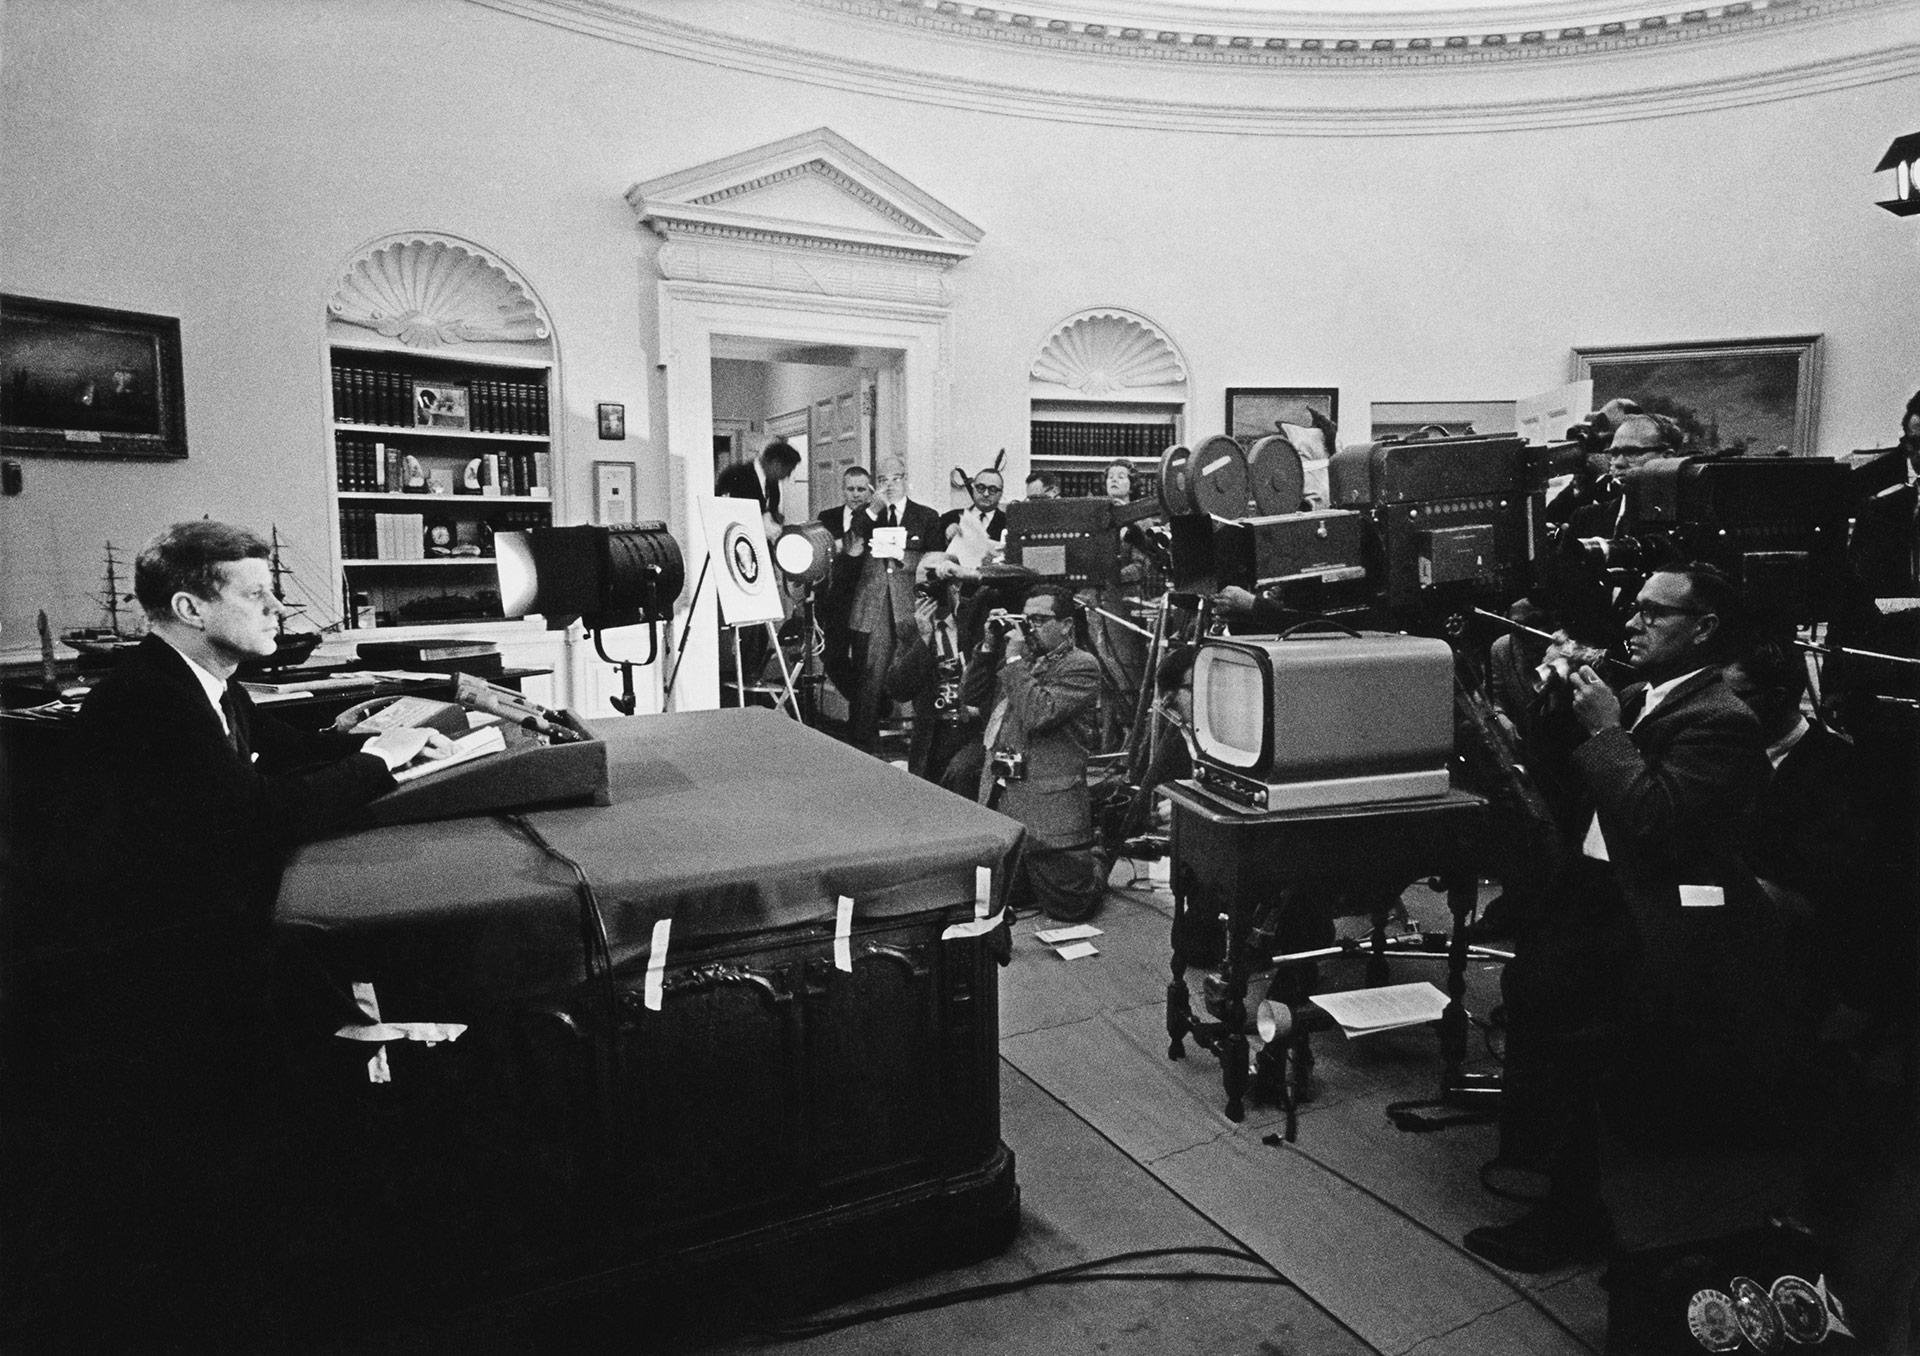 El presidente anuncia el comienzo del bloqueo naval deCuba y advierte a la Unión Soviética que aplicará sanciones, durante la Crisis de los misiles, en 1962 (Keystone/Getty Images)